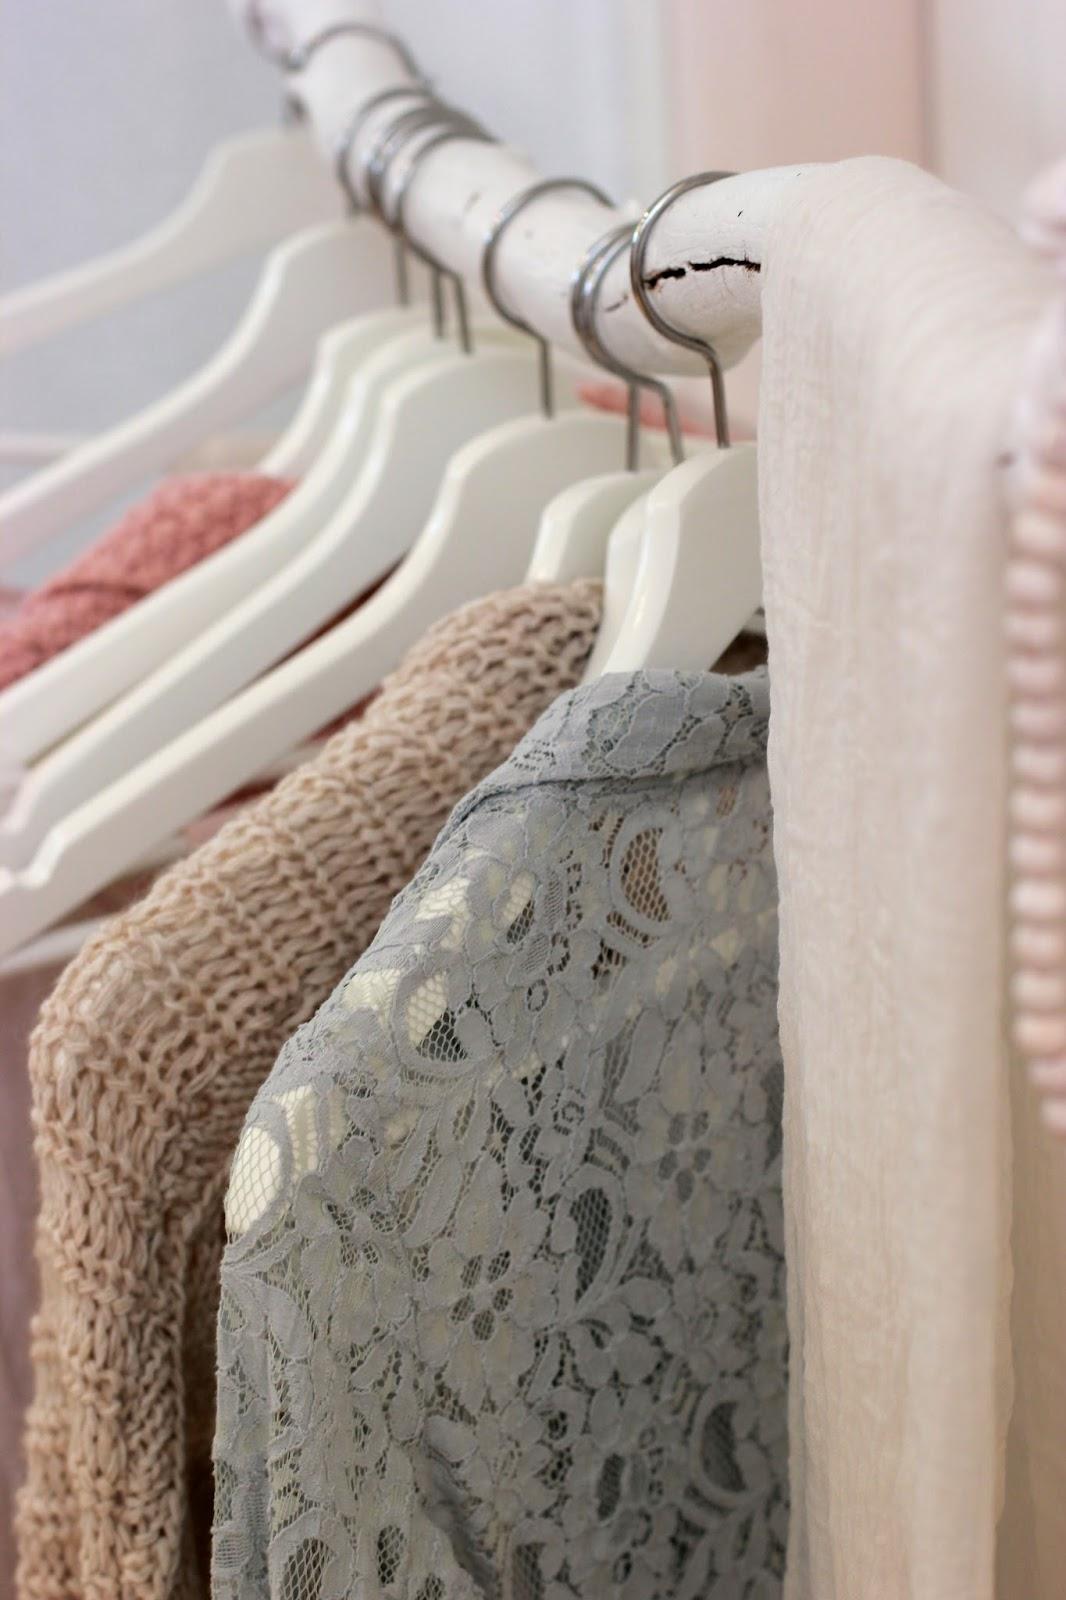 clothing-hanging-closet-organizing